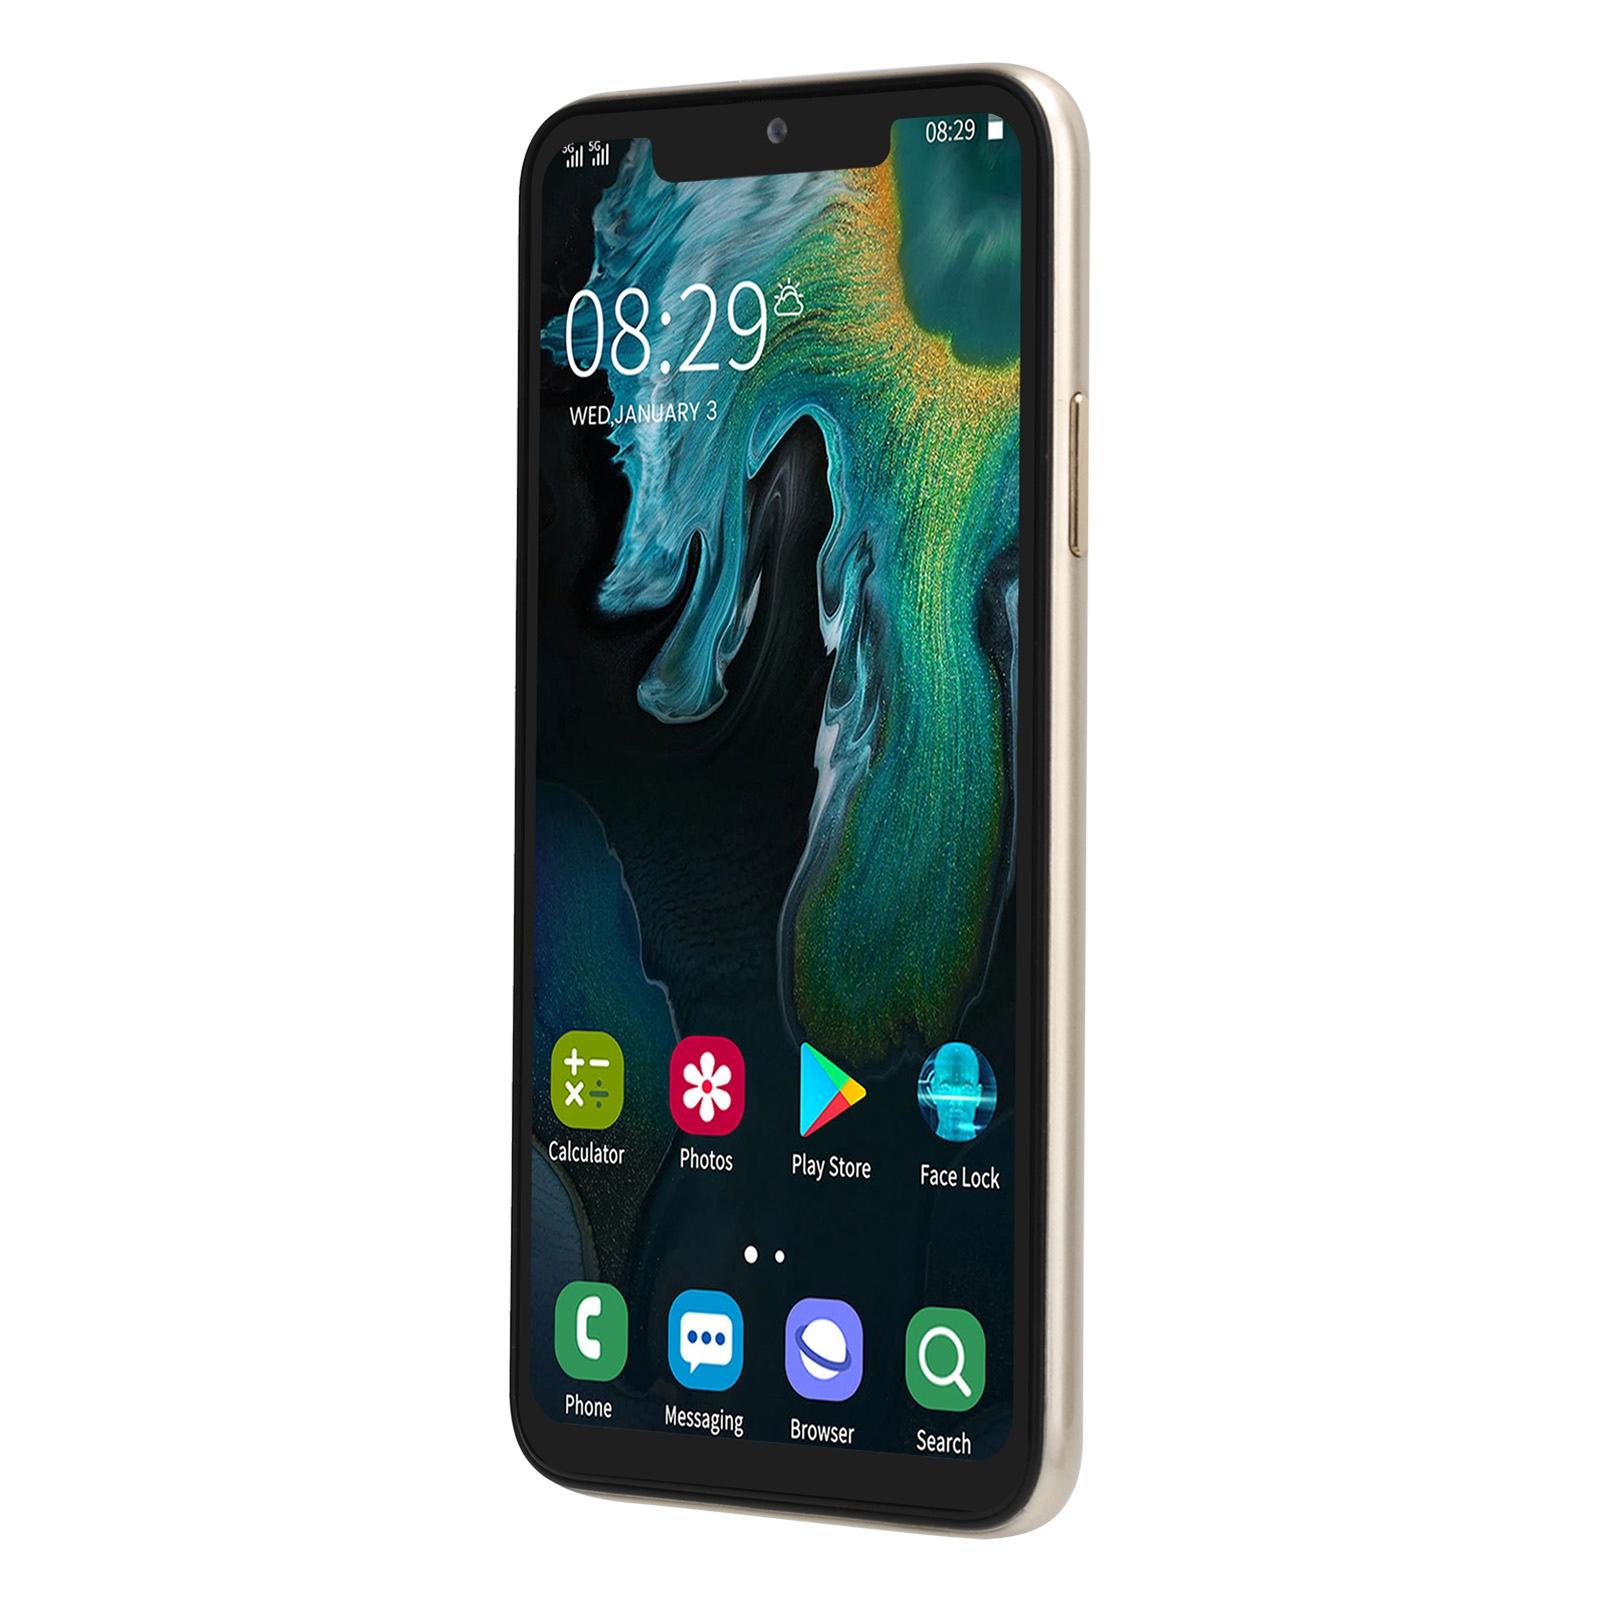 """miniature 50 - 6.5"""" Smartphone 1 Go 16 Go Mobile Phone Dual SIM avant arrière double caméra Android"""